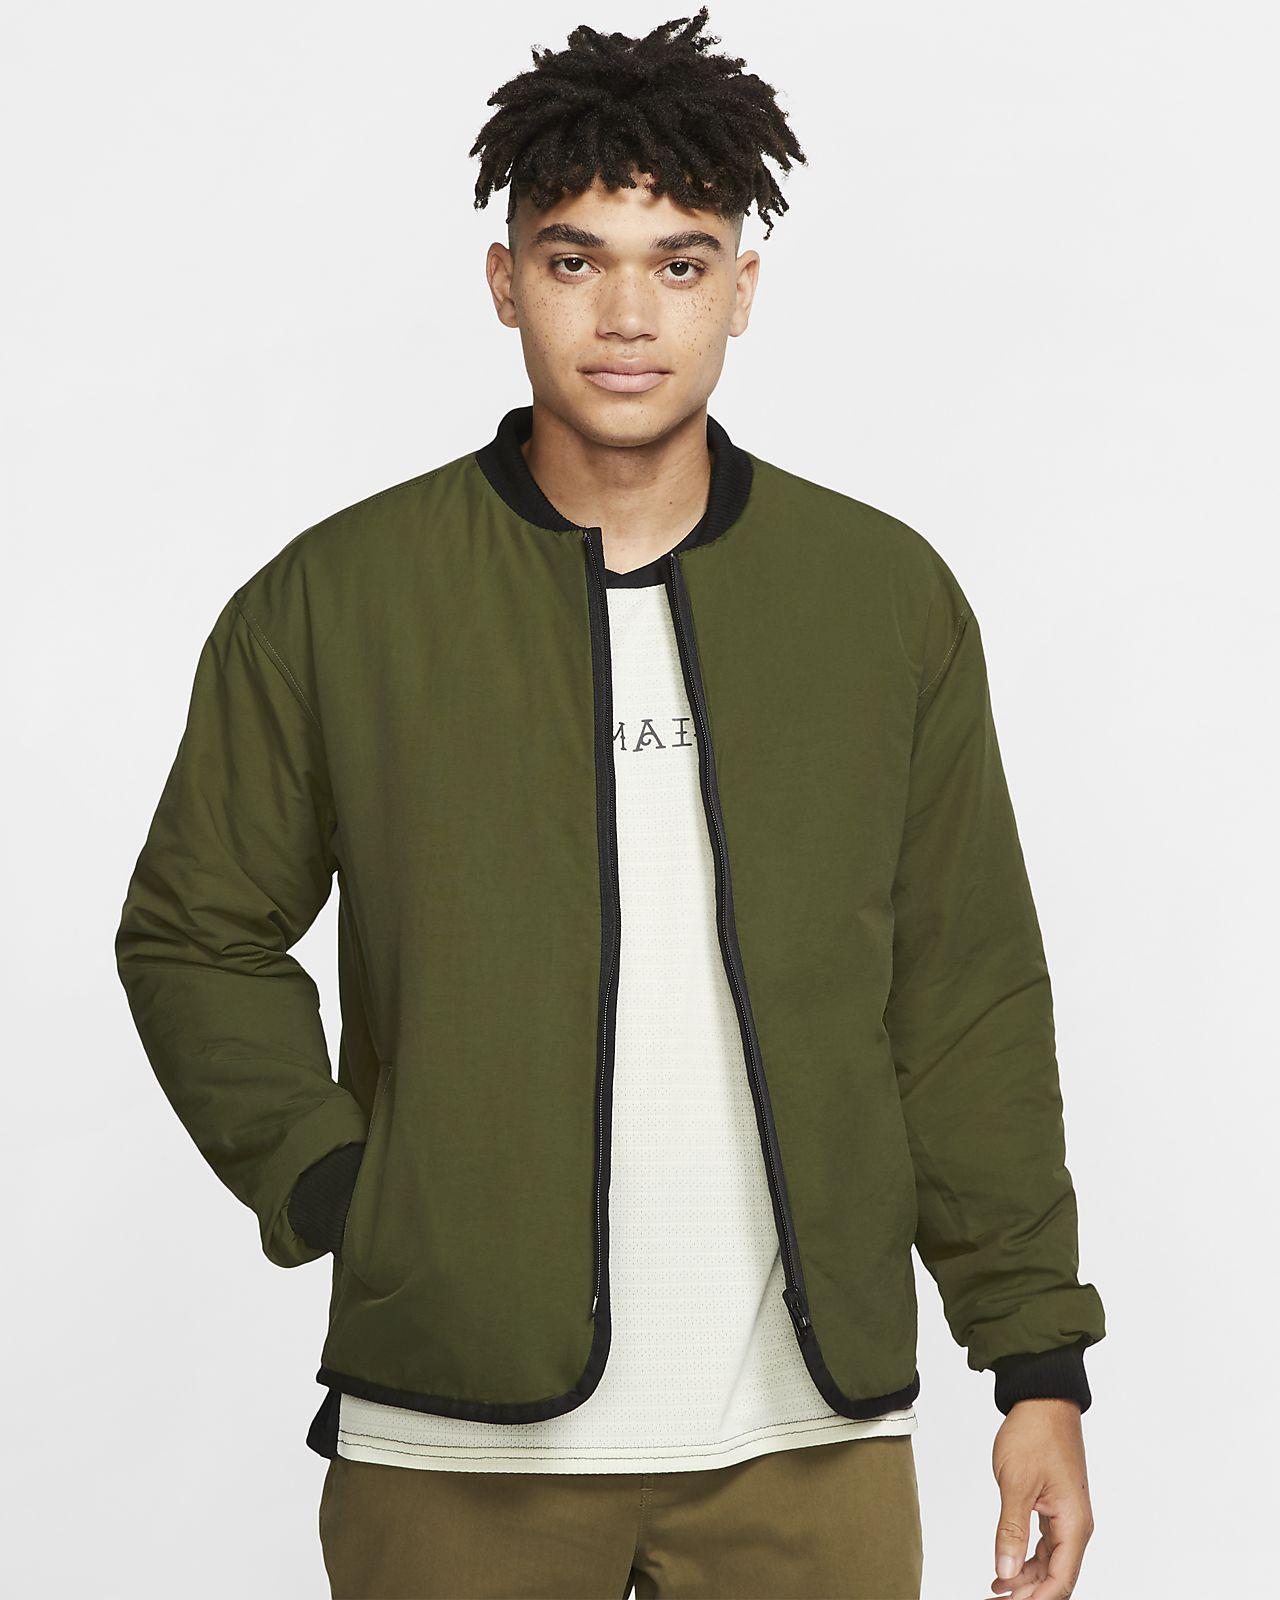 Hurley Jamaica Men's Jacket